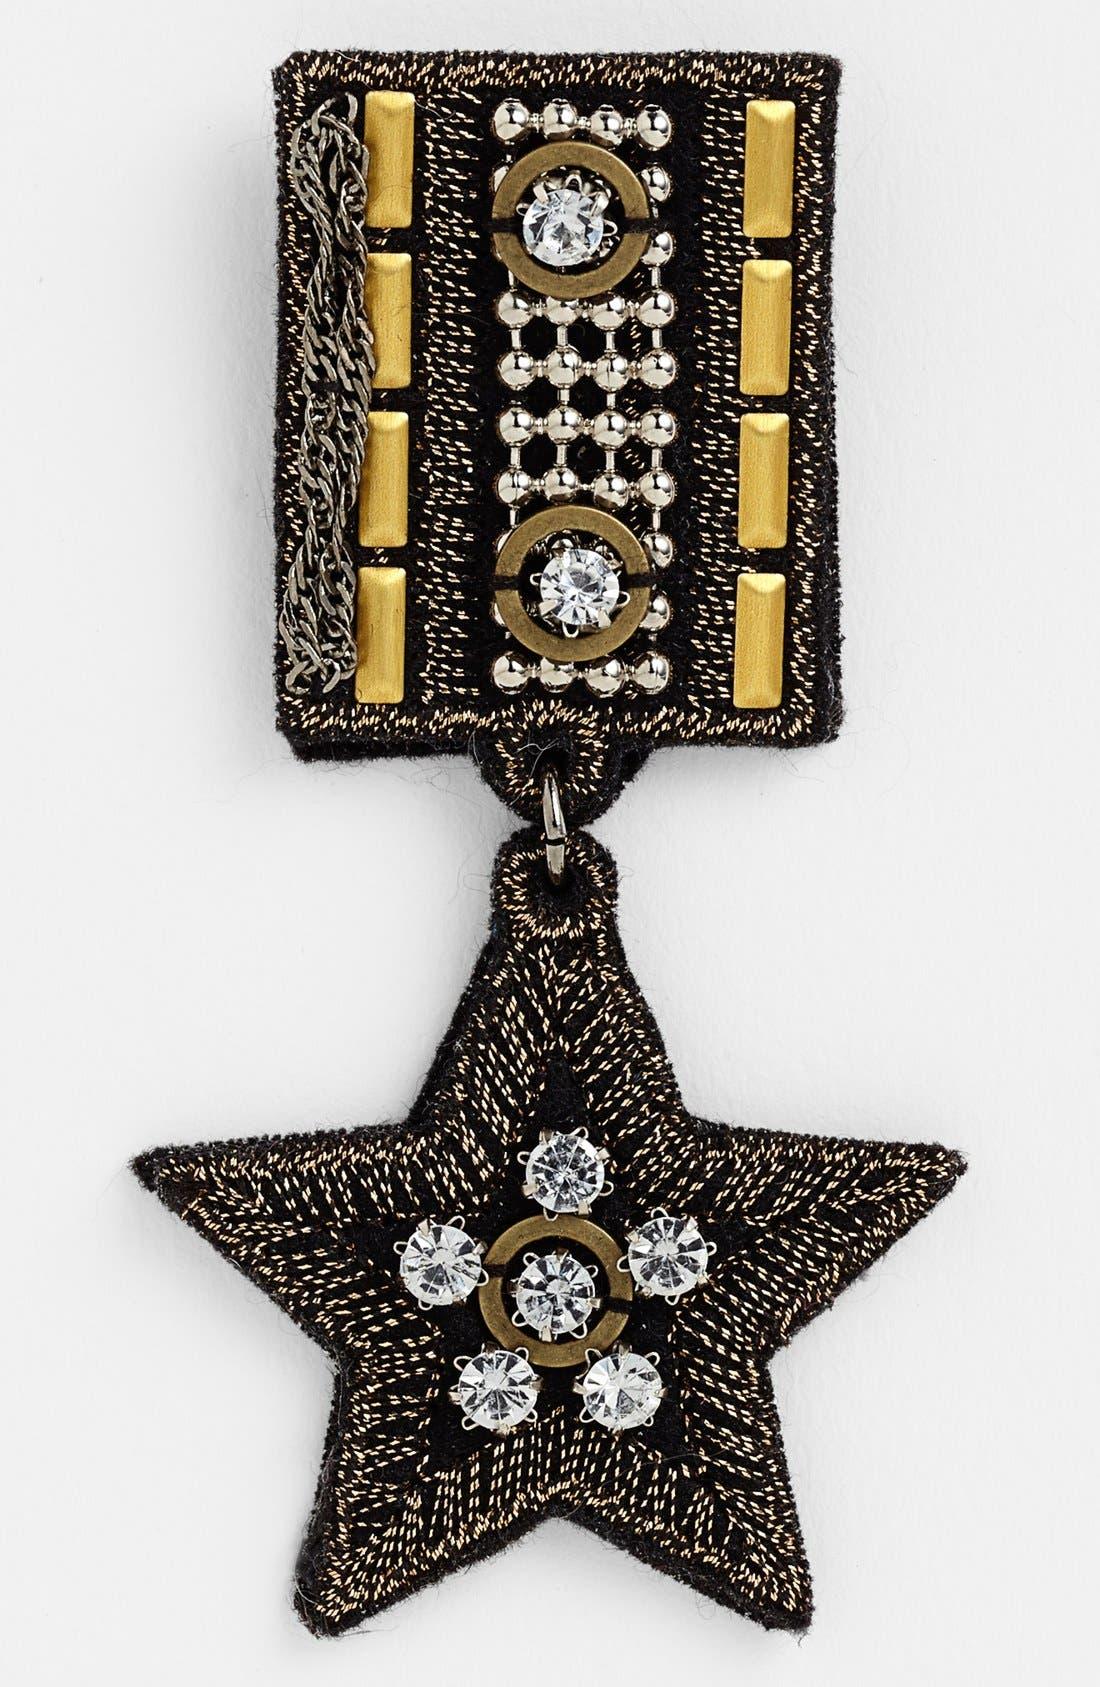 Main Image - Cara 'Military Star' Pin